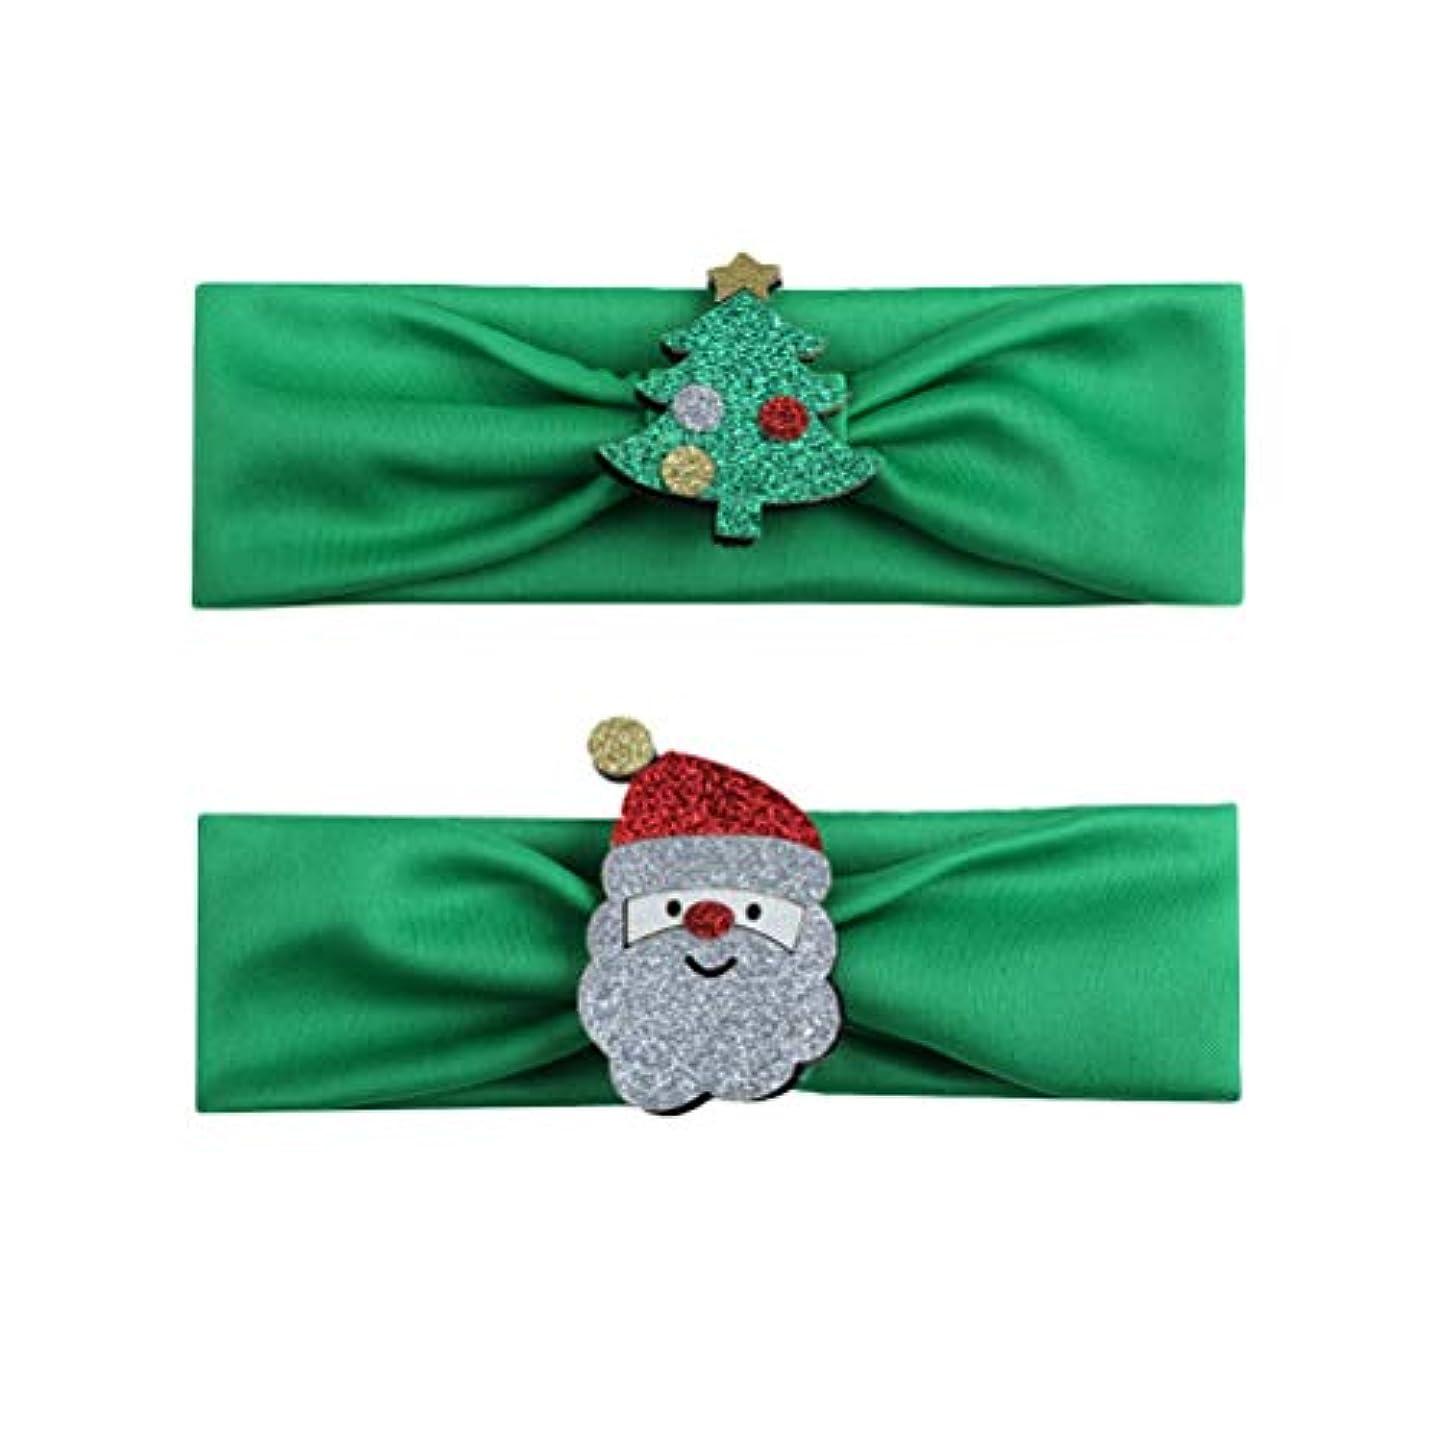 無し重要な勃起BESTOYARD 2本の赤ちゃんの少女クリスマスのヘッドバンド、クリスマスツリーサンタクロースの幼児ヘアバンドアクセサリー(グリーン)